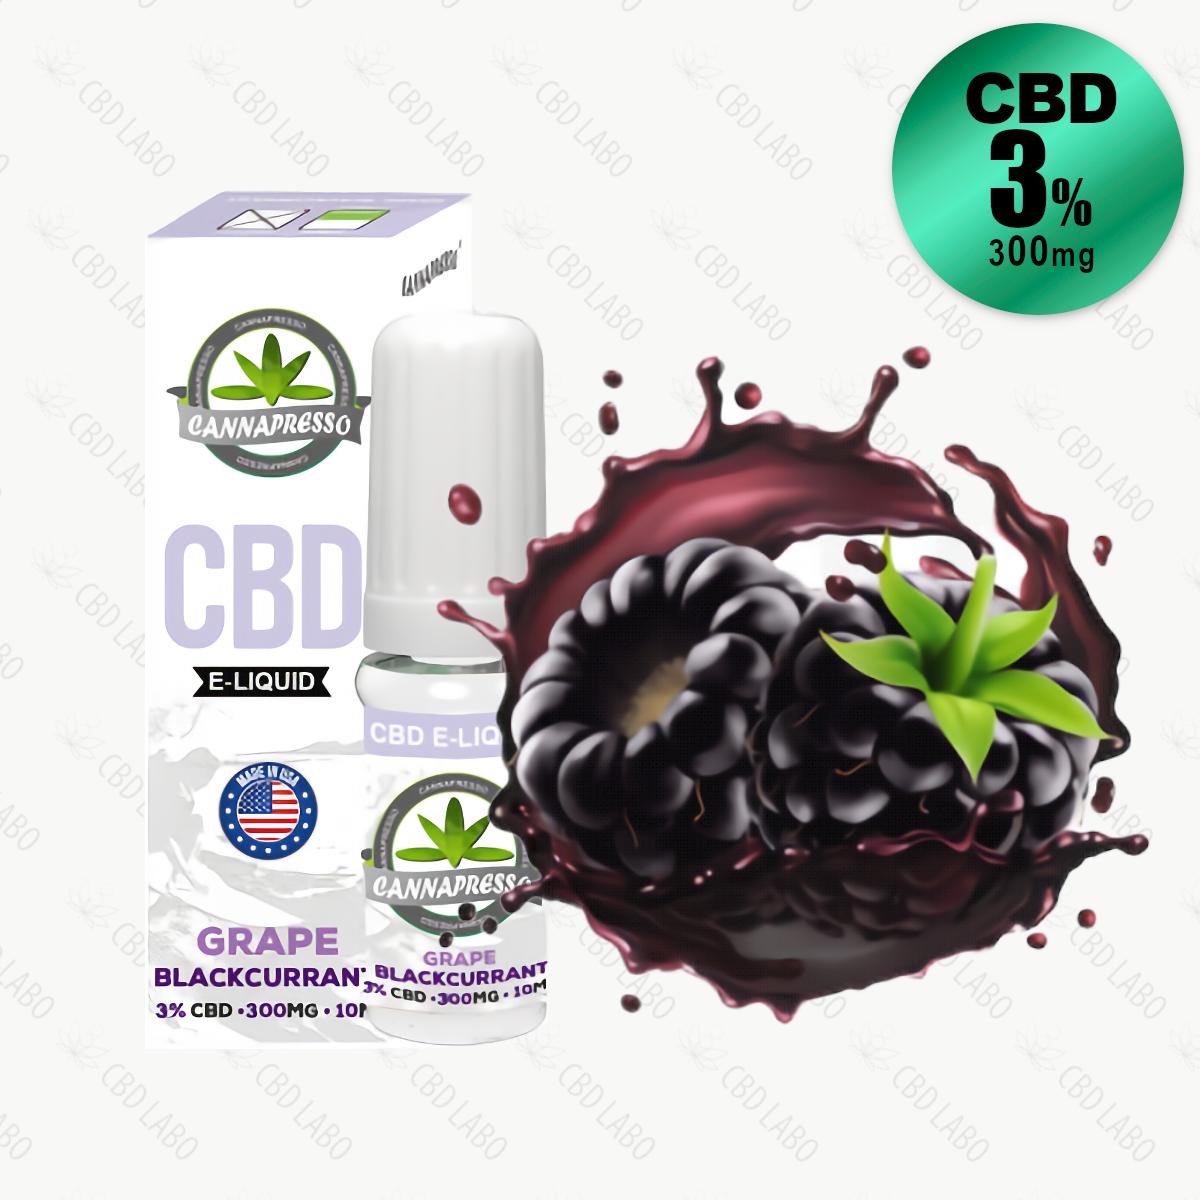 【送料無料】CANNAPRESSO CBDリキッド グレープ・ブラックカラント 10ml CBD含有量300mg (3%)